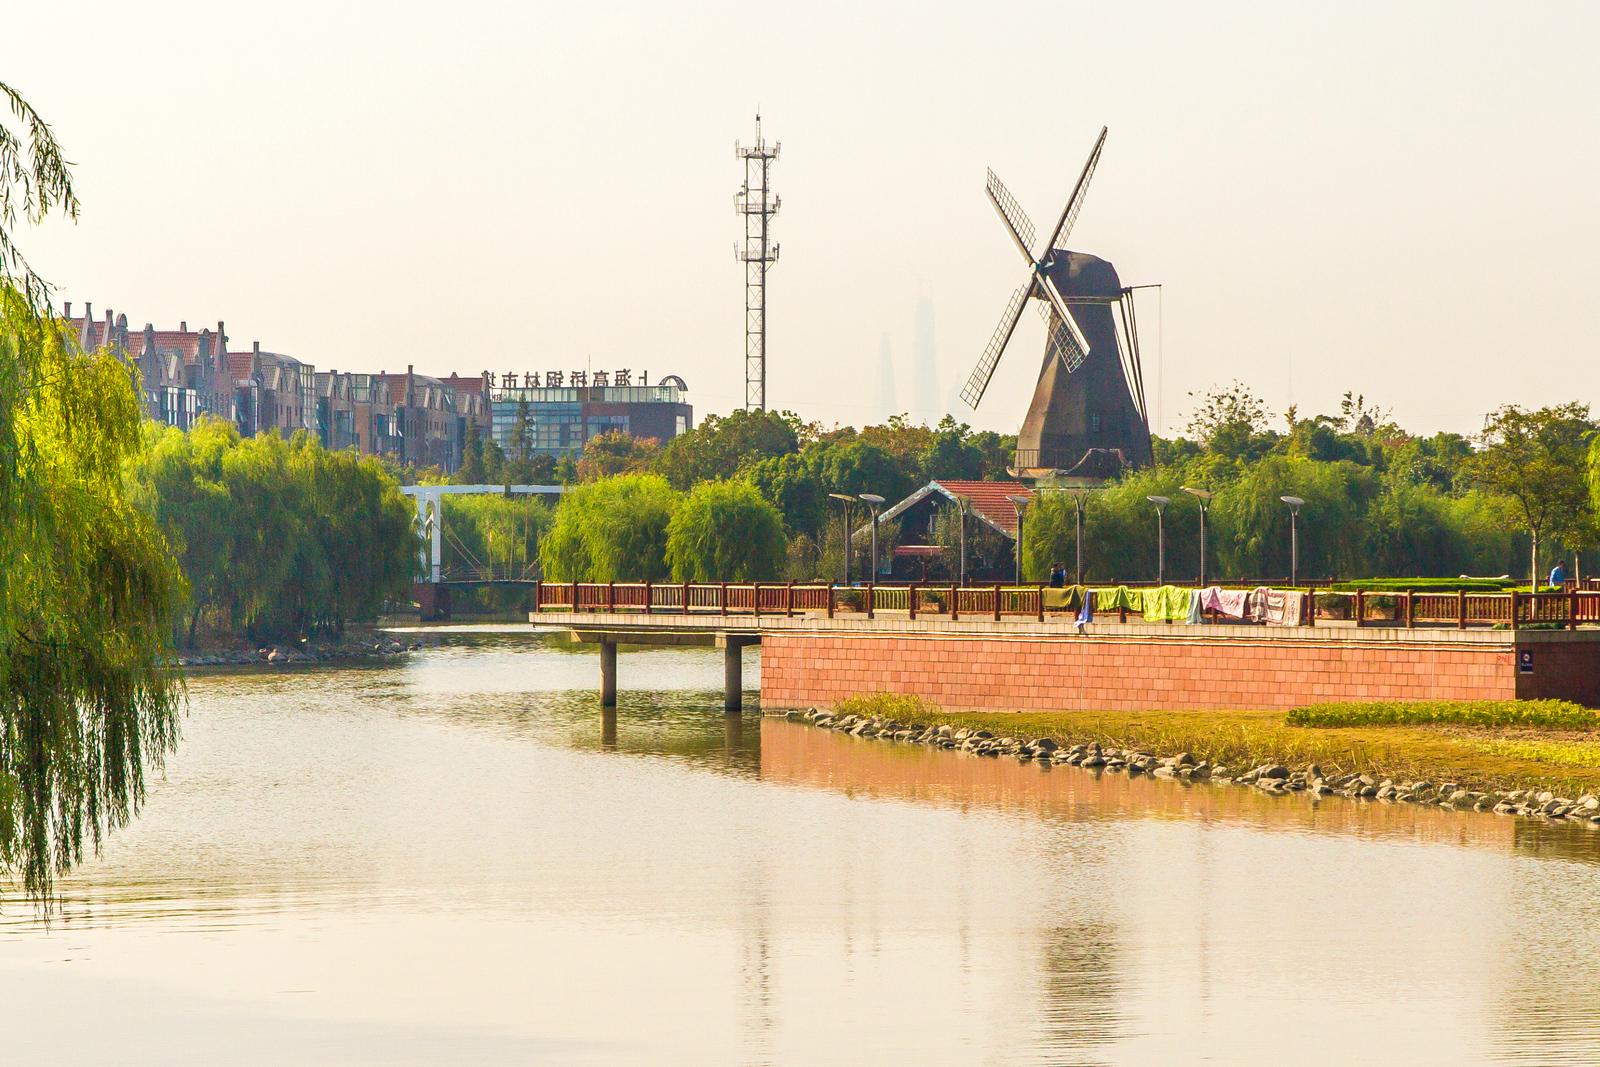 上海荷兰新城,看看有什么荷兰元素